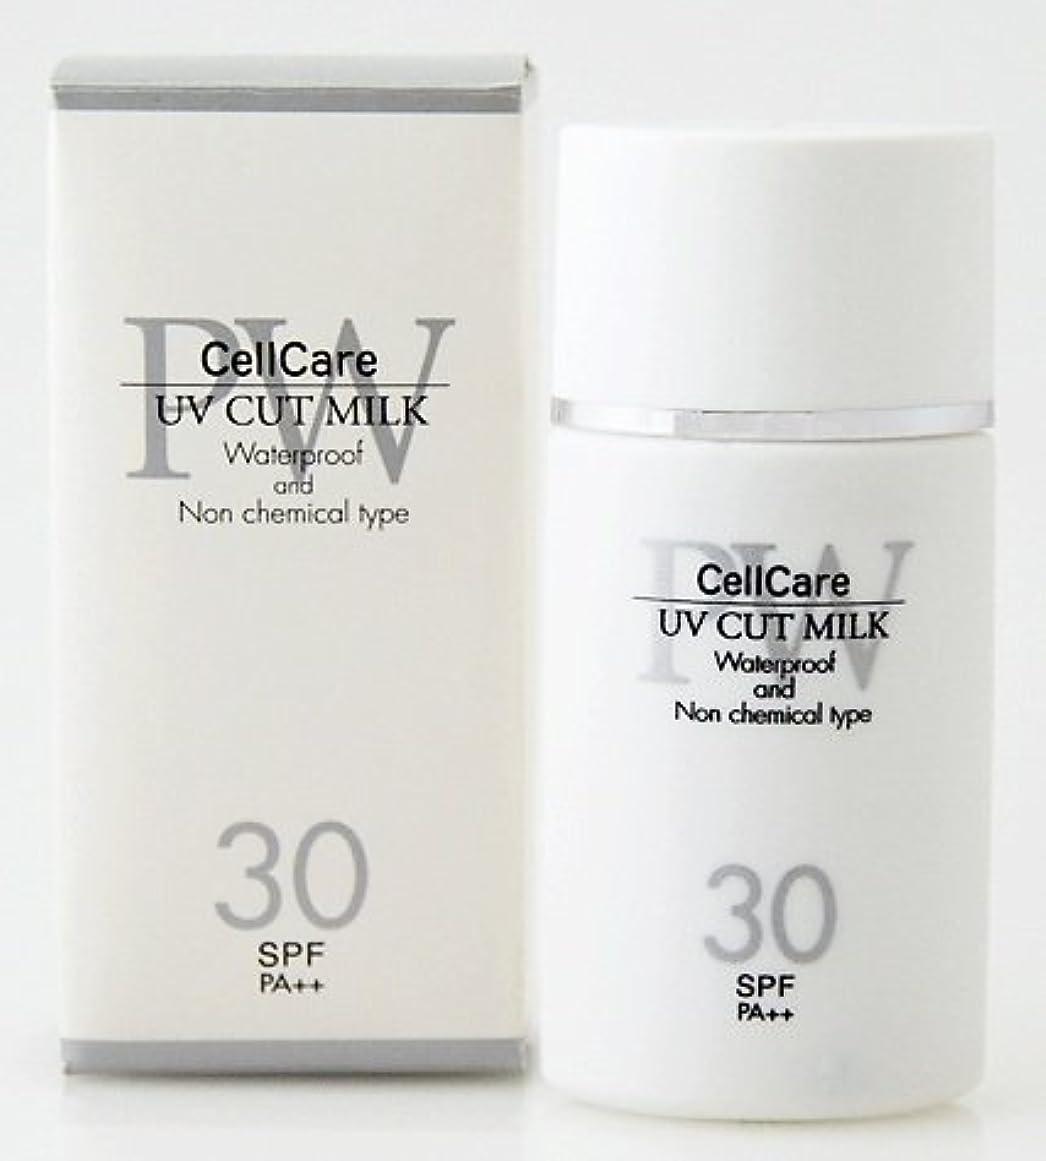 思春期祖母シンプルなセルケア ピュアホワイト UVカットミルク 30g(日焼け止め乳液) SPF30 PA++ 保湿